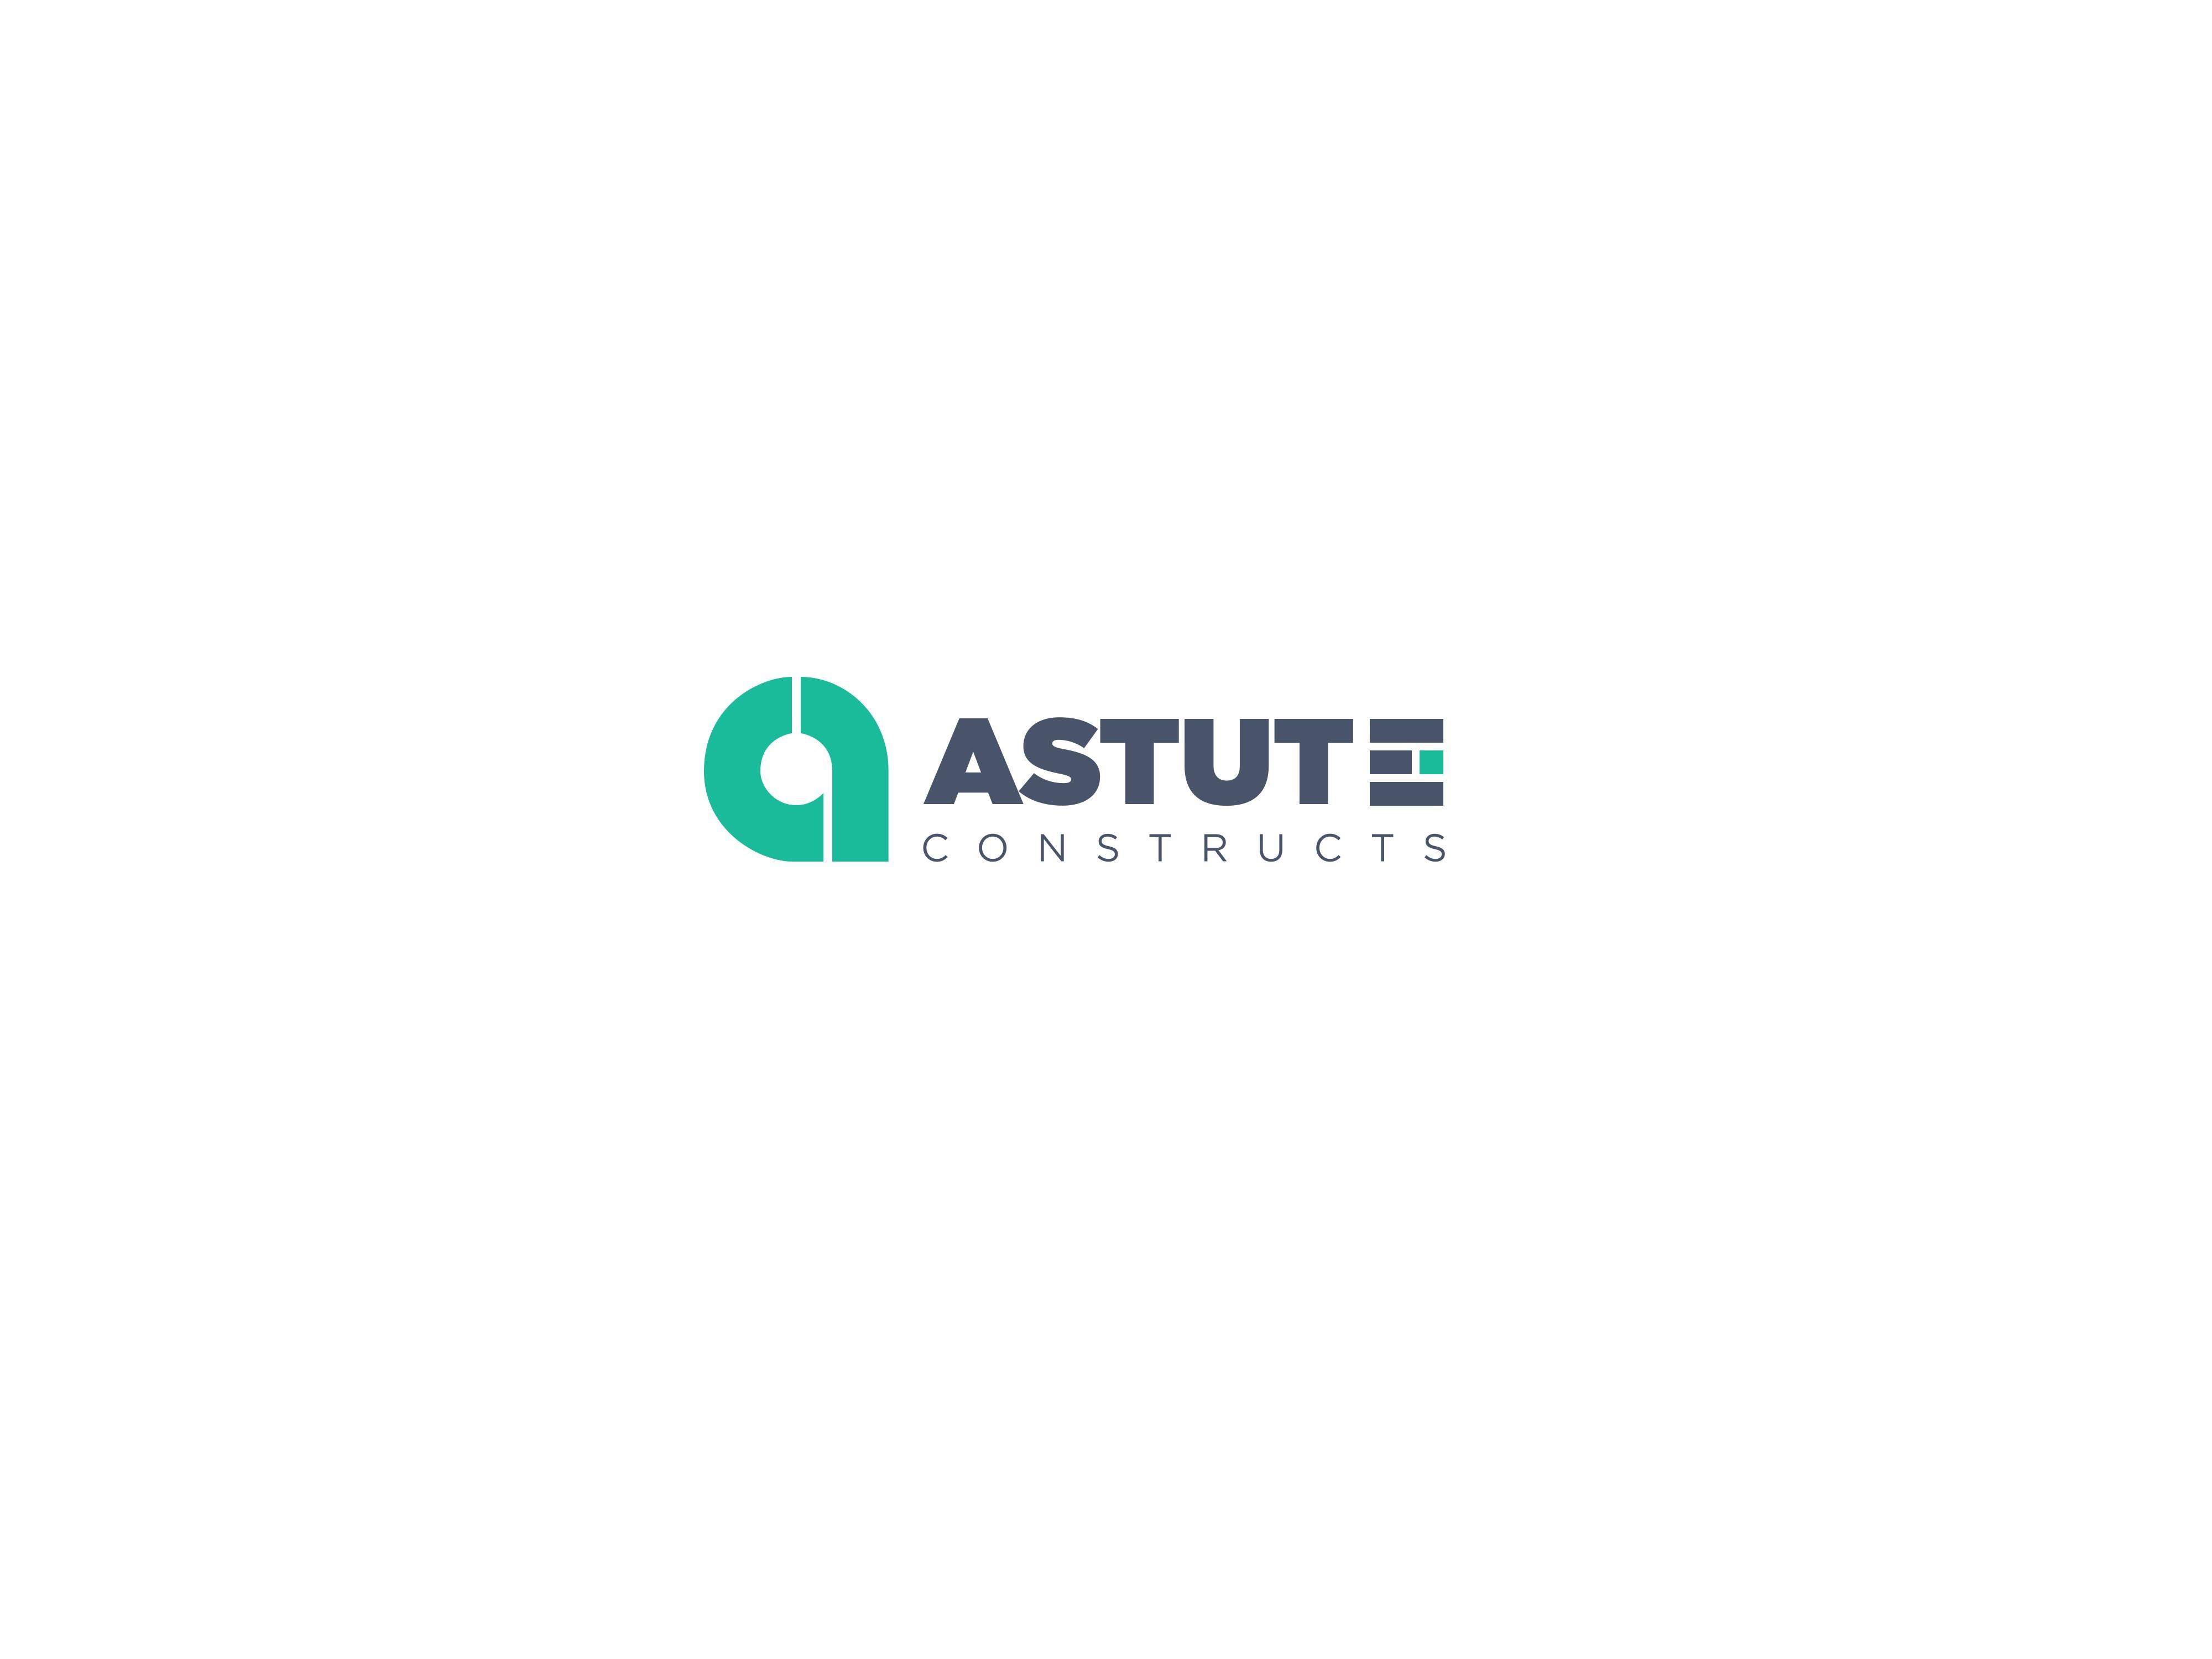 Saas Astute Constructs Logo Design